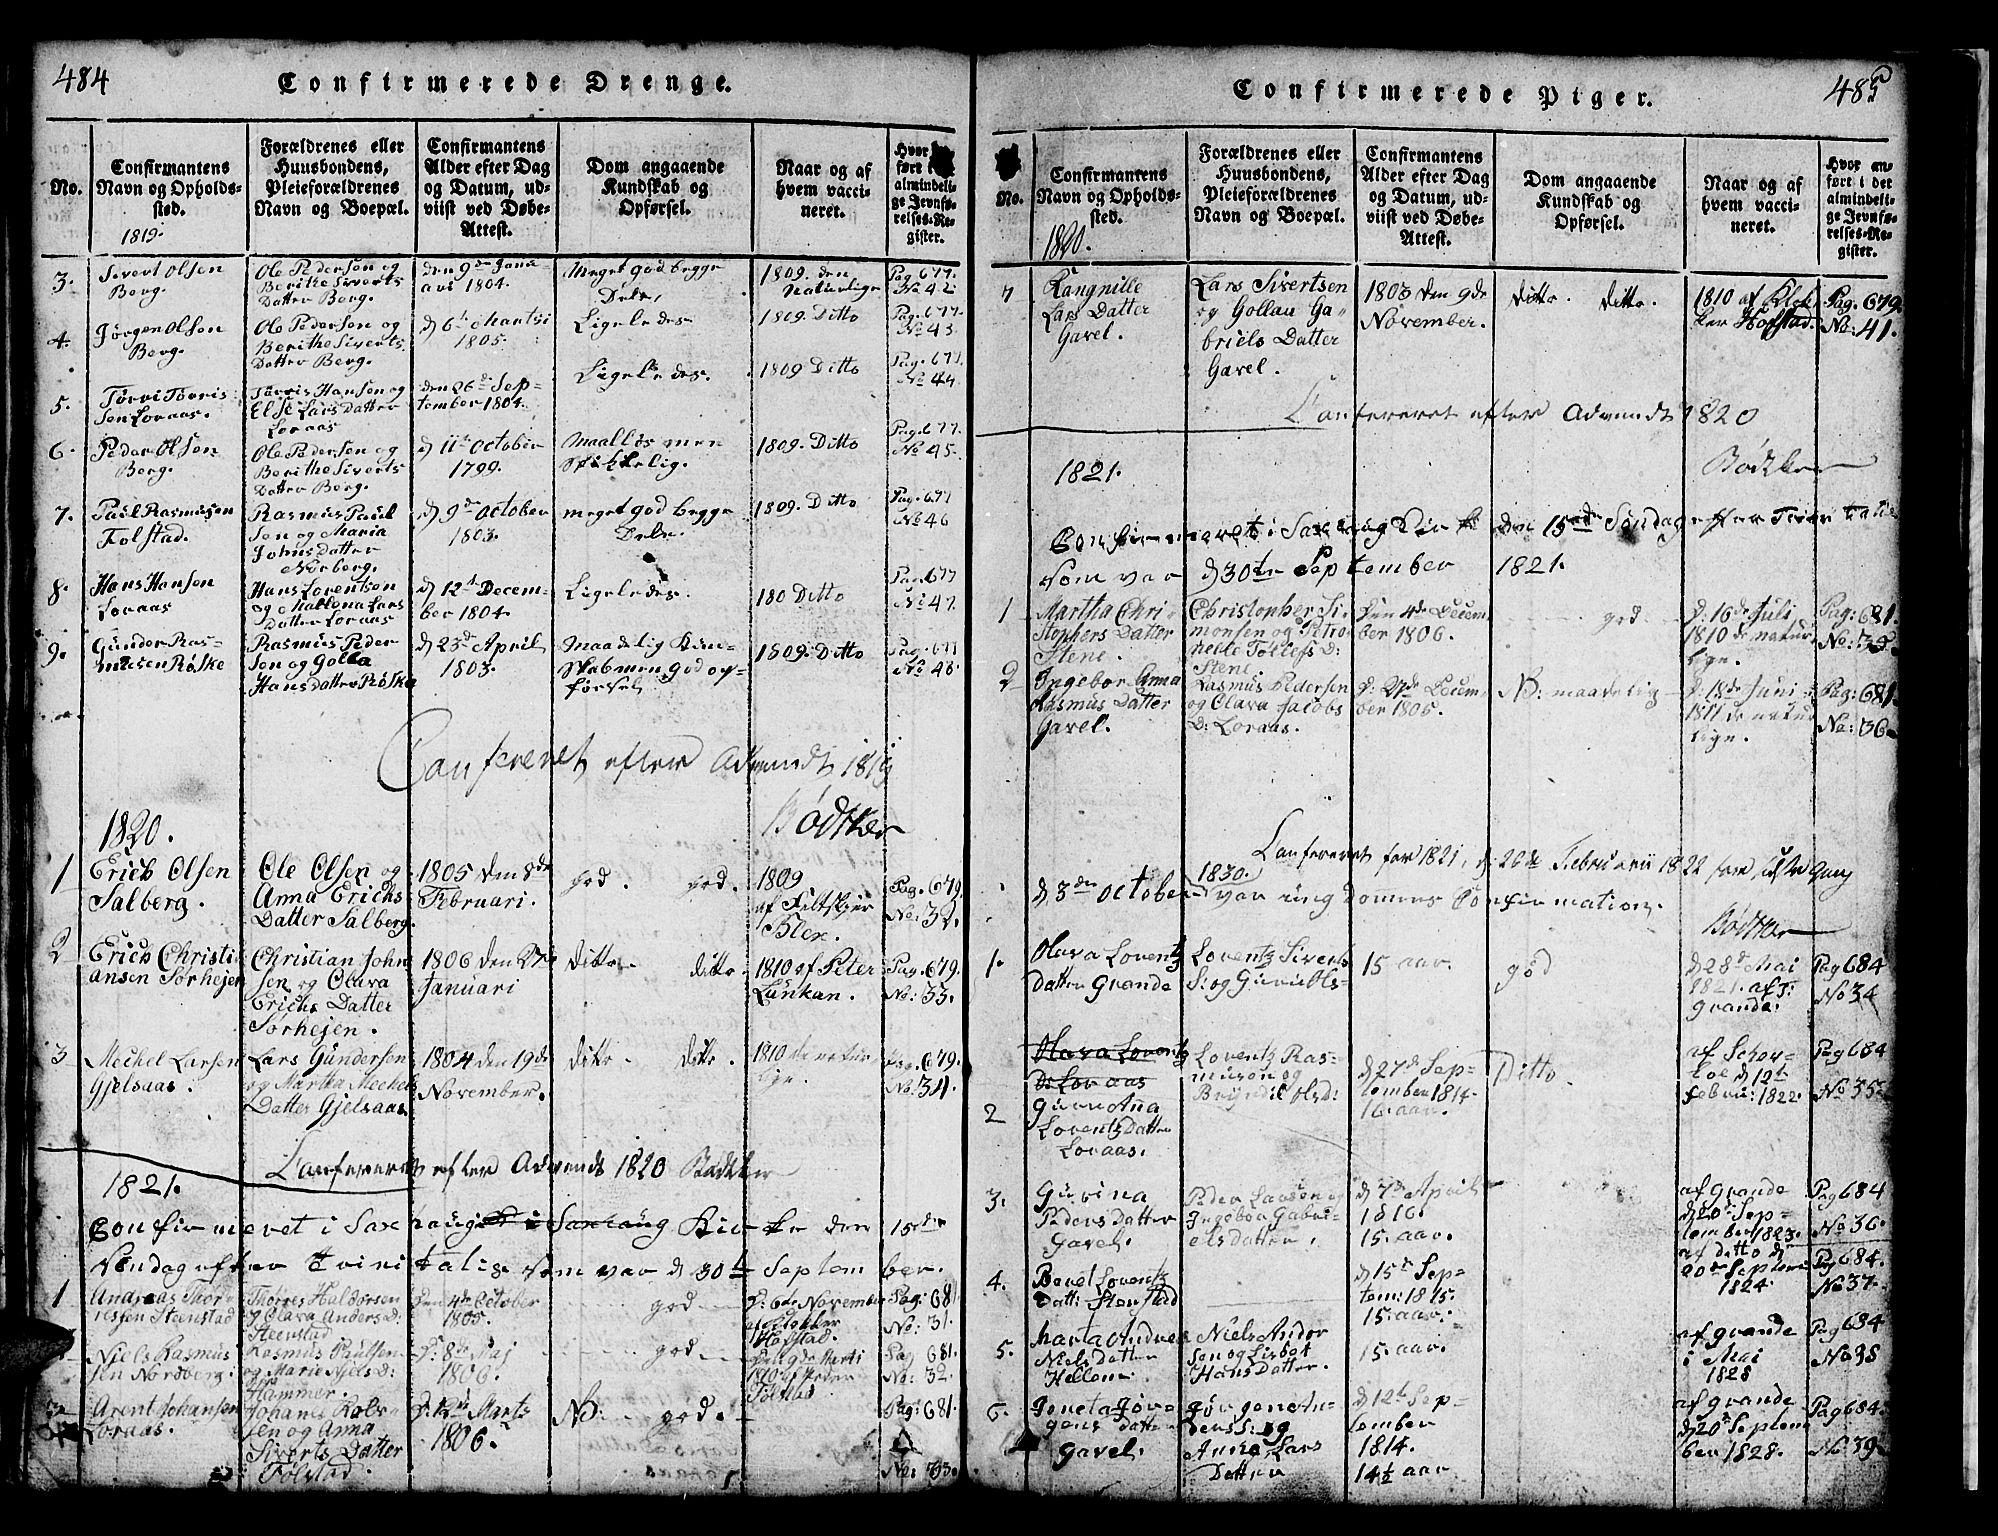 SAT, Ministerialprotokoller, klokkerbøker og fødselsregistre - Nord-Trøndelag, 731/L0310: Klokkerbok nr. 731C01, 1816-1874, s. 484-485